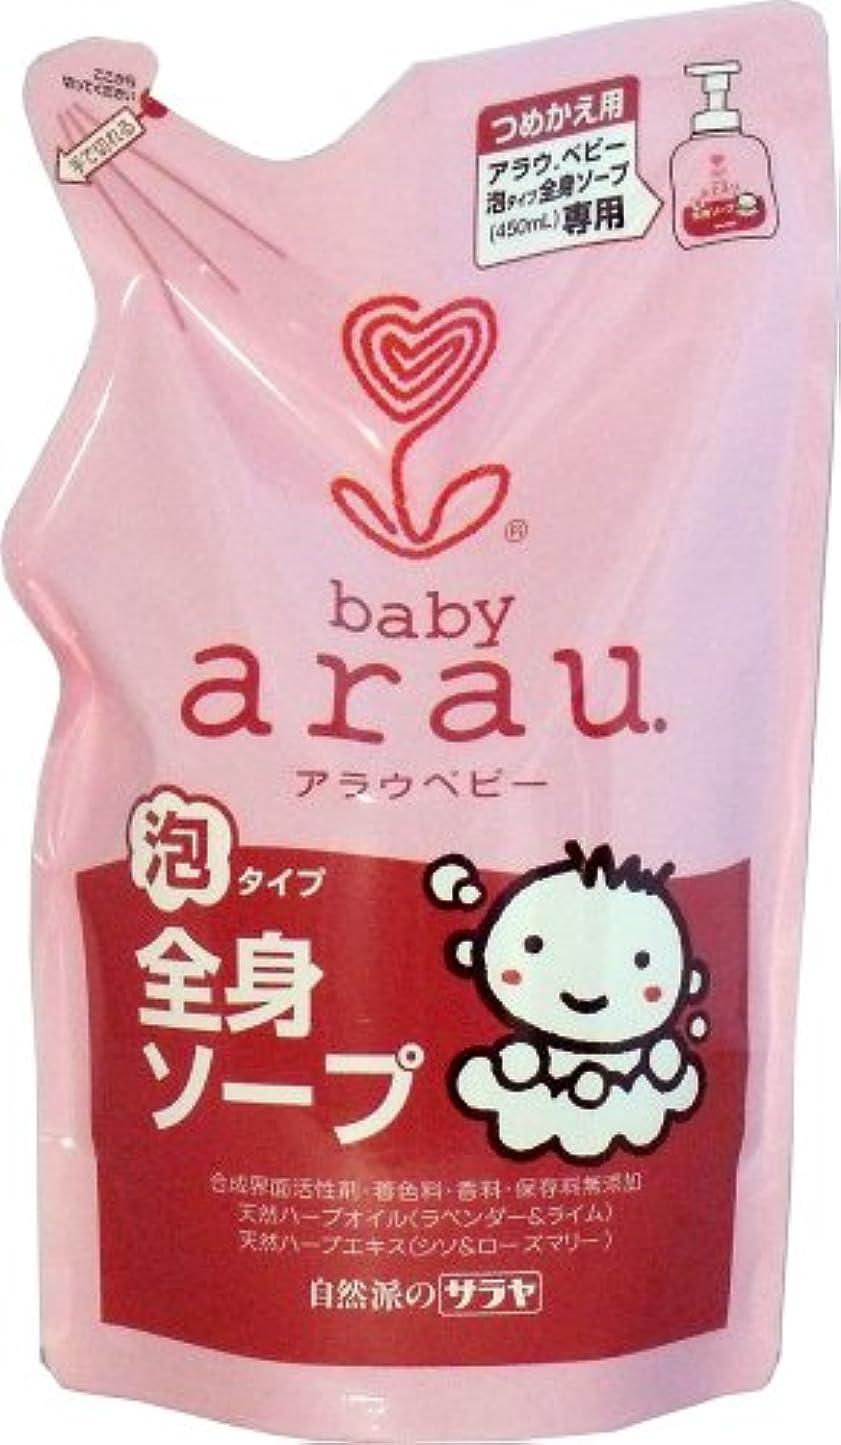 ほのめかすとまり木農学【日本製】arau.ベビー(アラウベビー) 泡全身ソープ つめかえ用 400ml